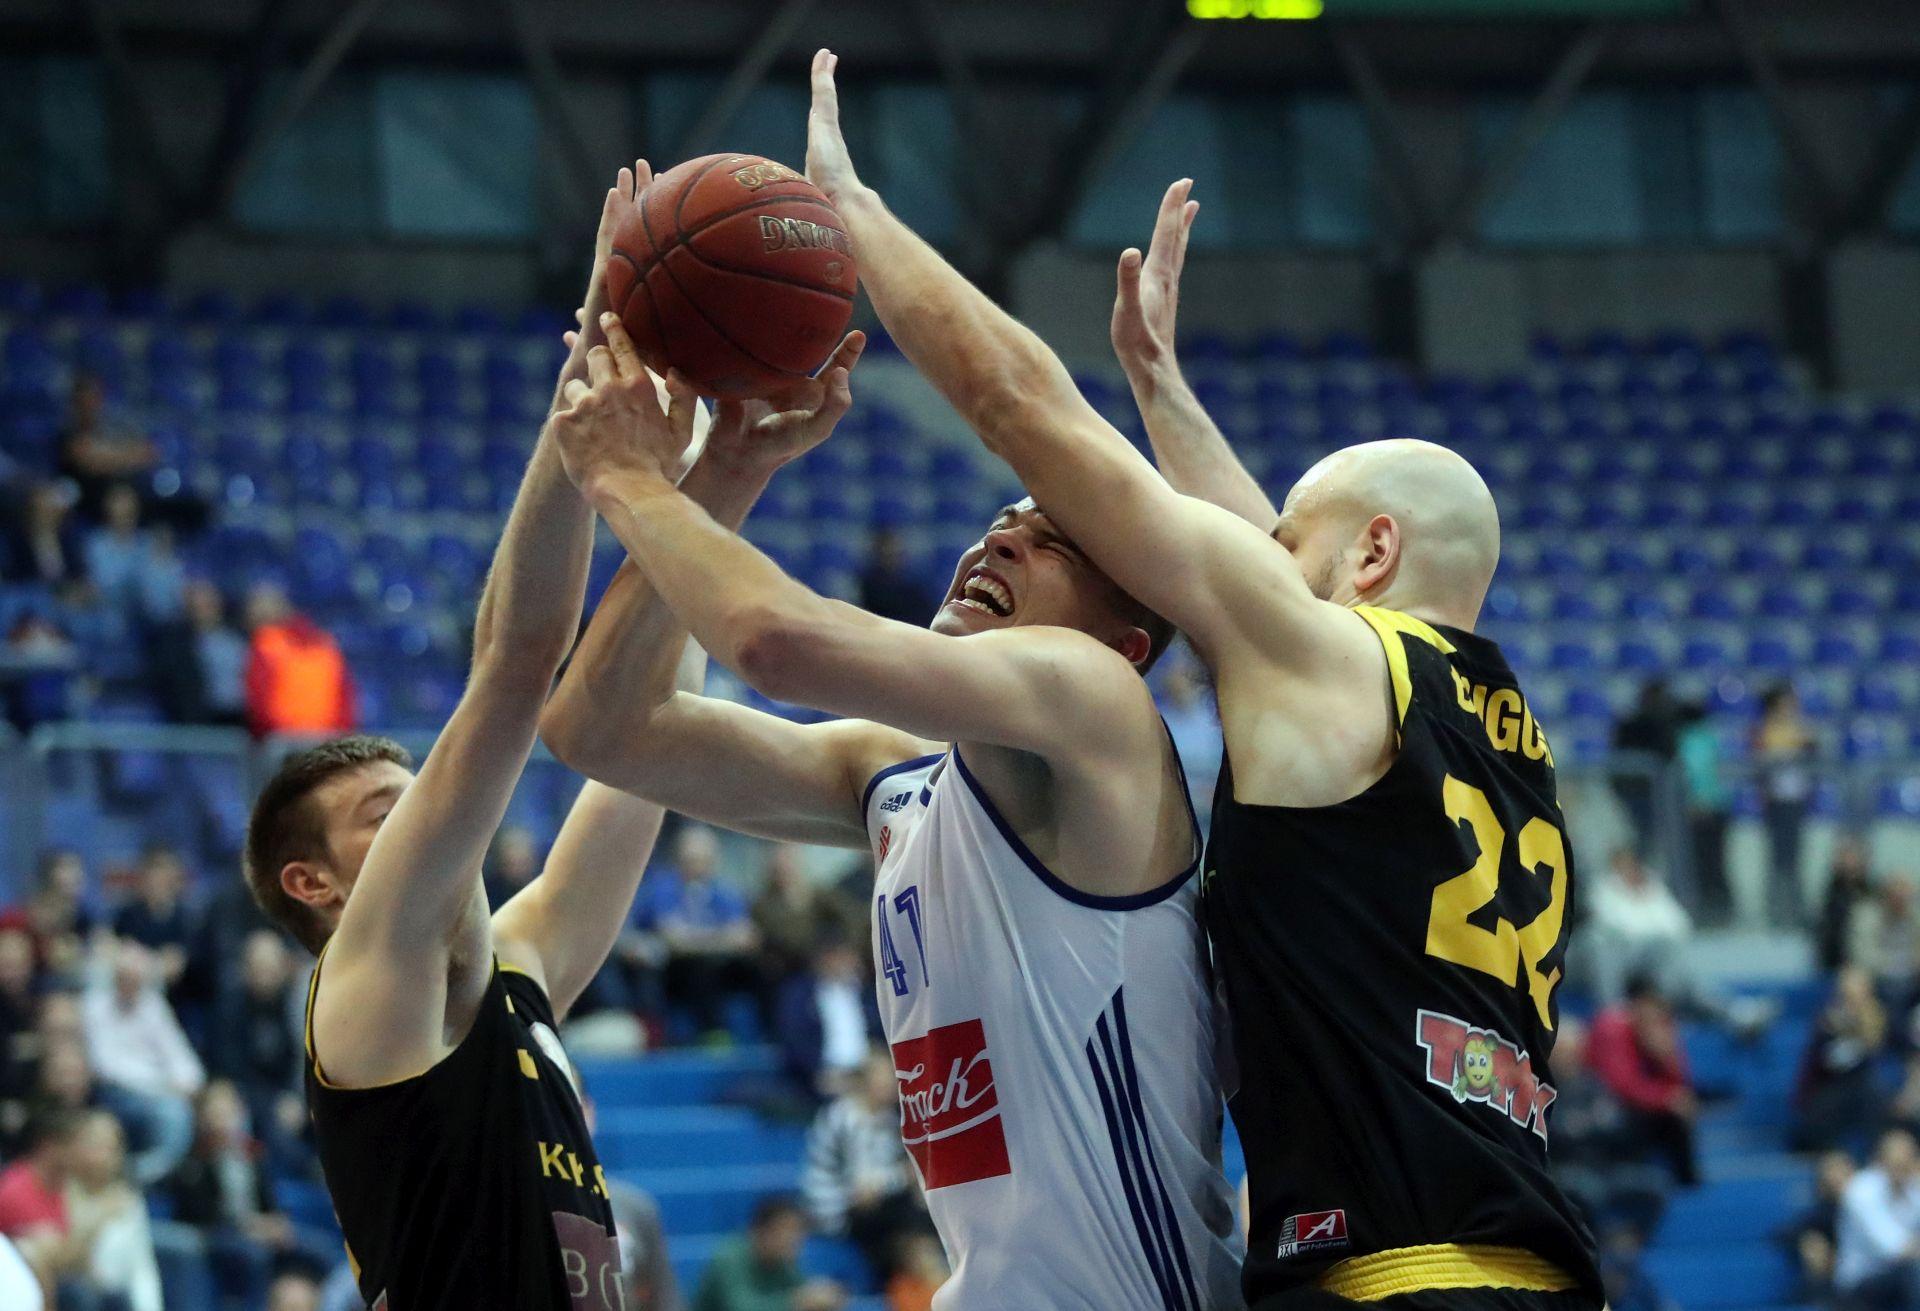 Cibona – Split 78-79, Zadar nadigrao Šibenik 108-69